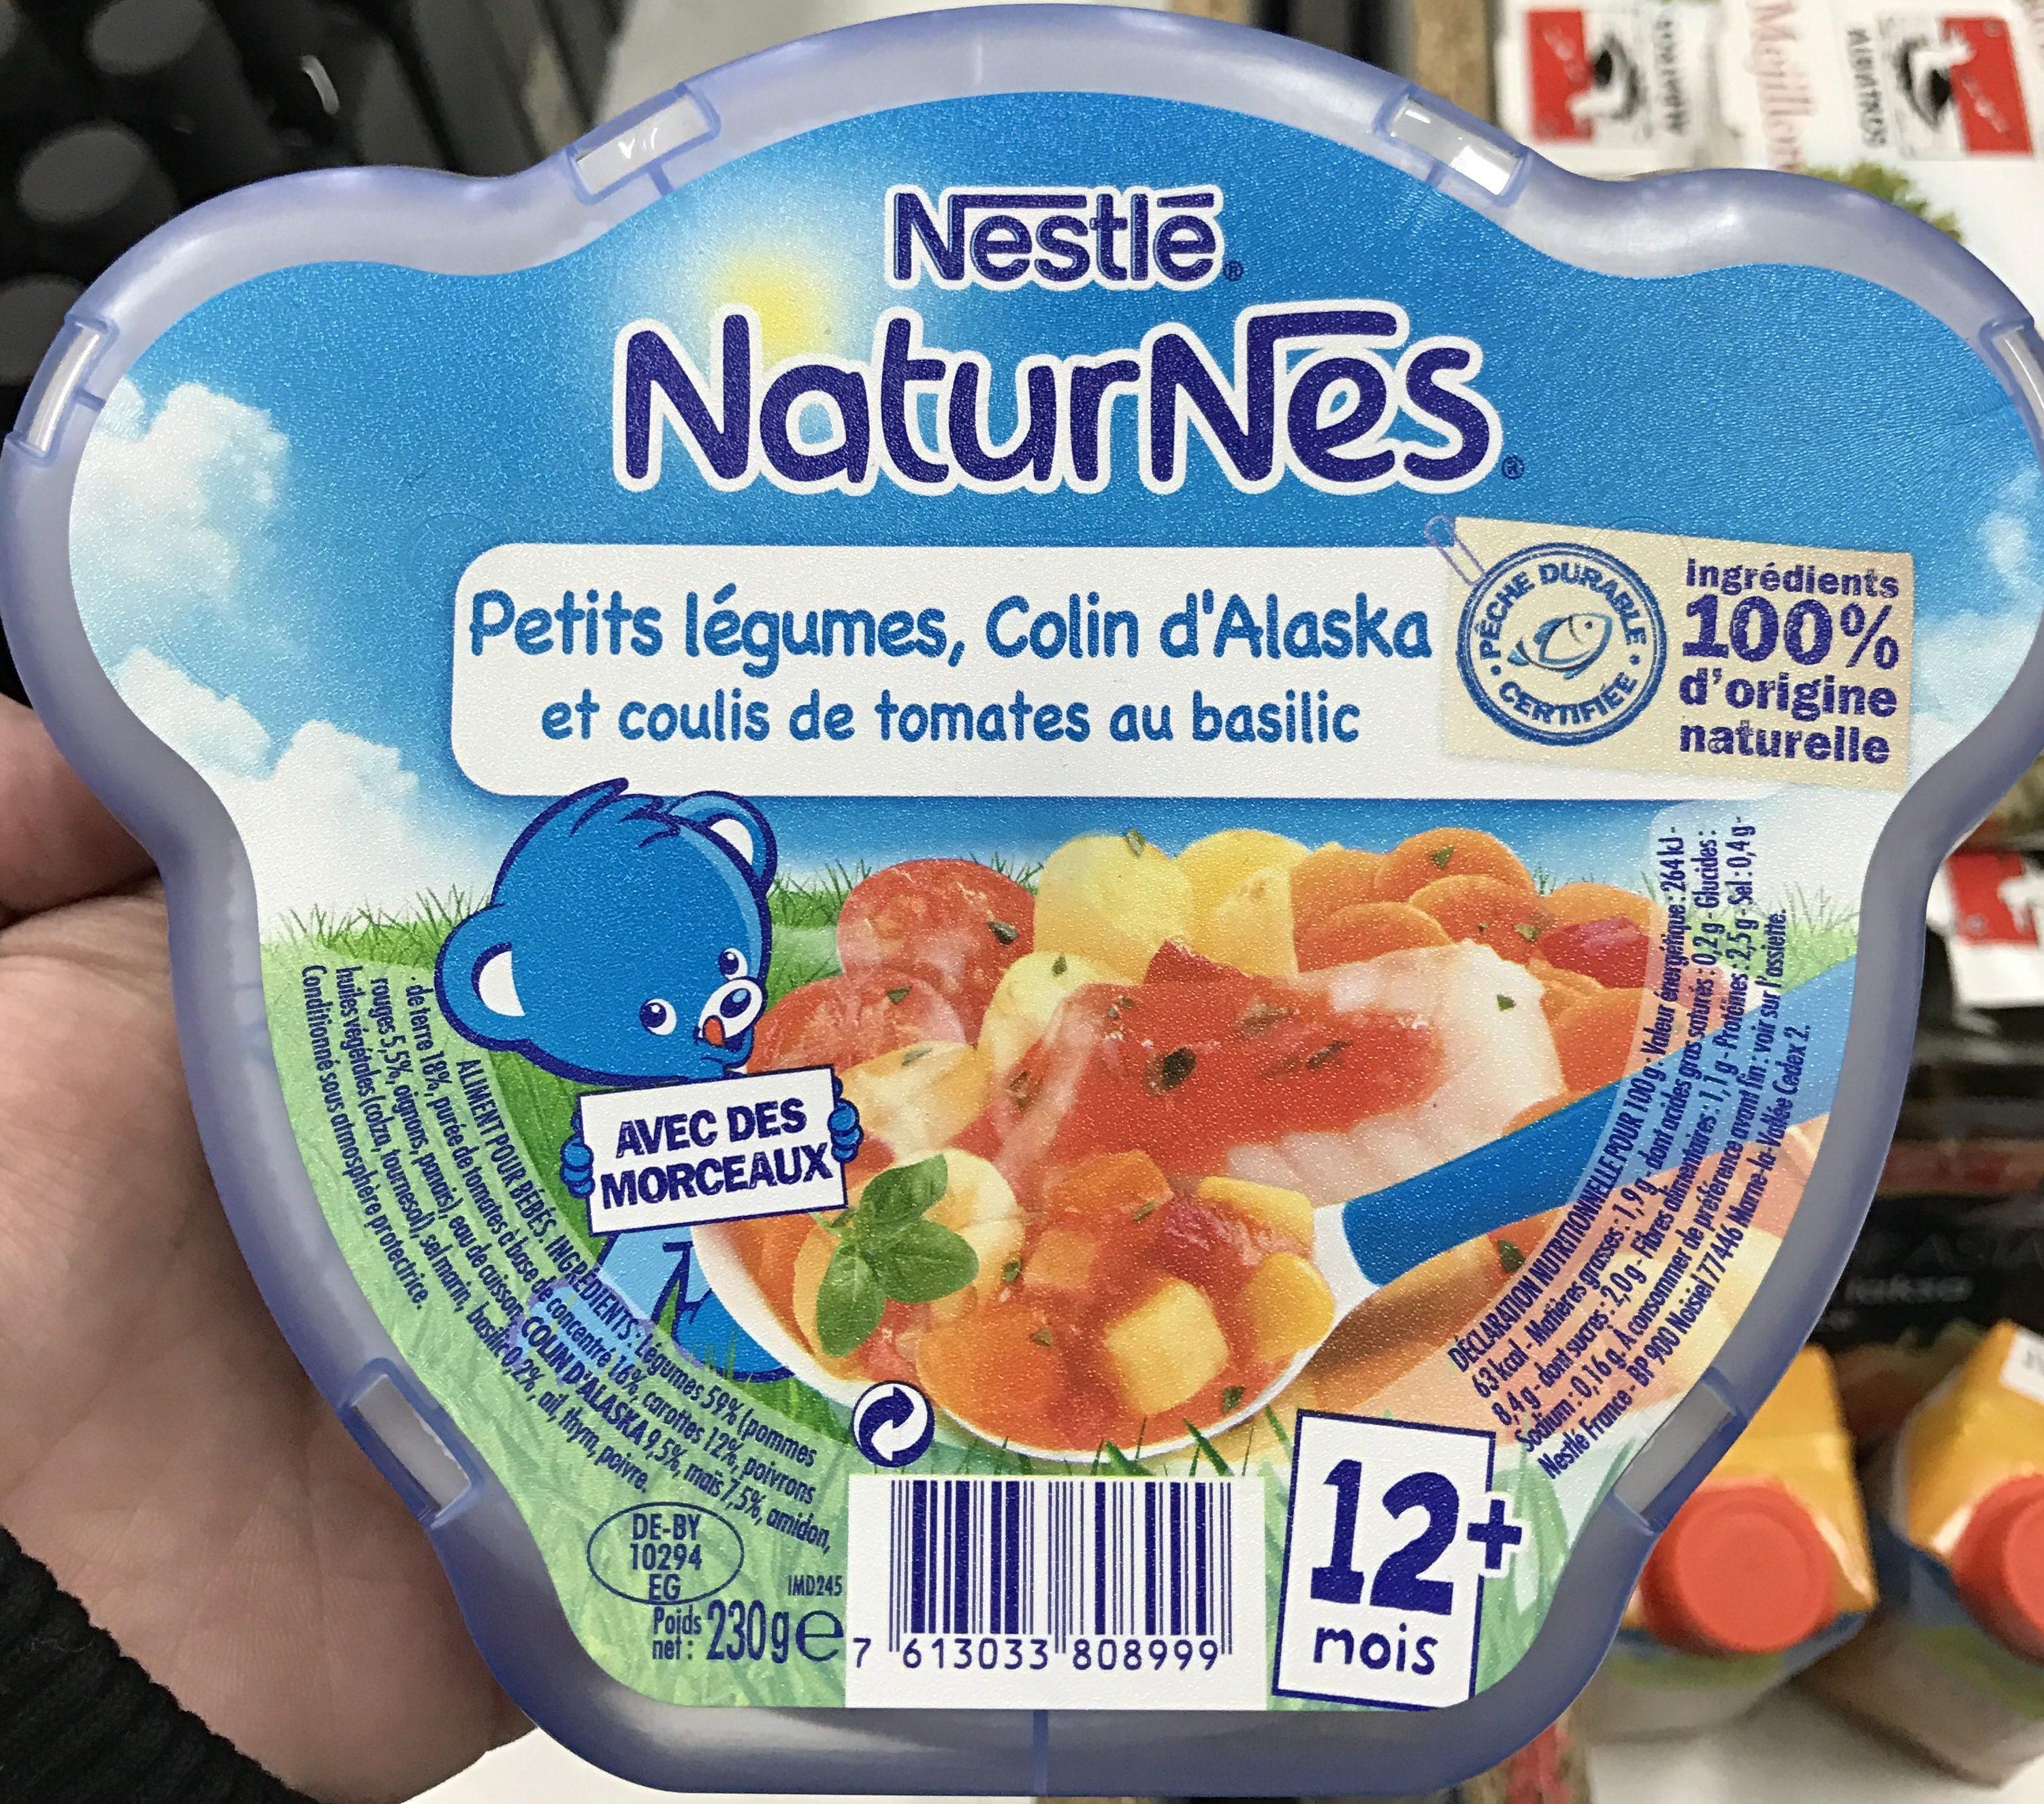 NaturNes Petits légumes, Colin d'Alaska et coulis de tomates au basilic - Prodotto - fr